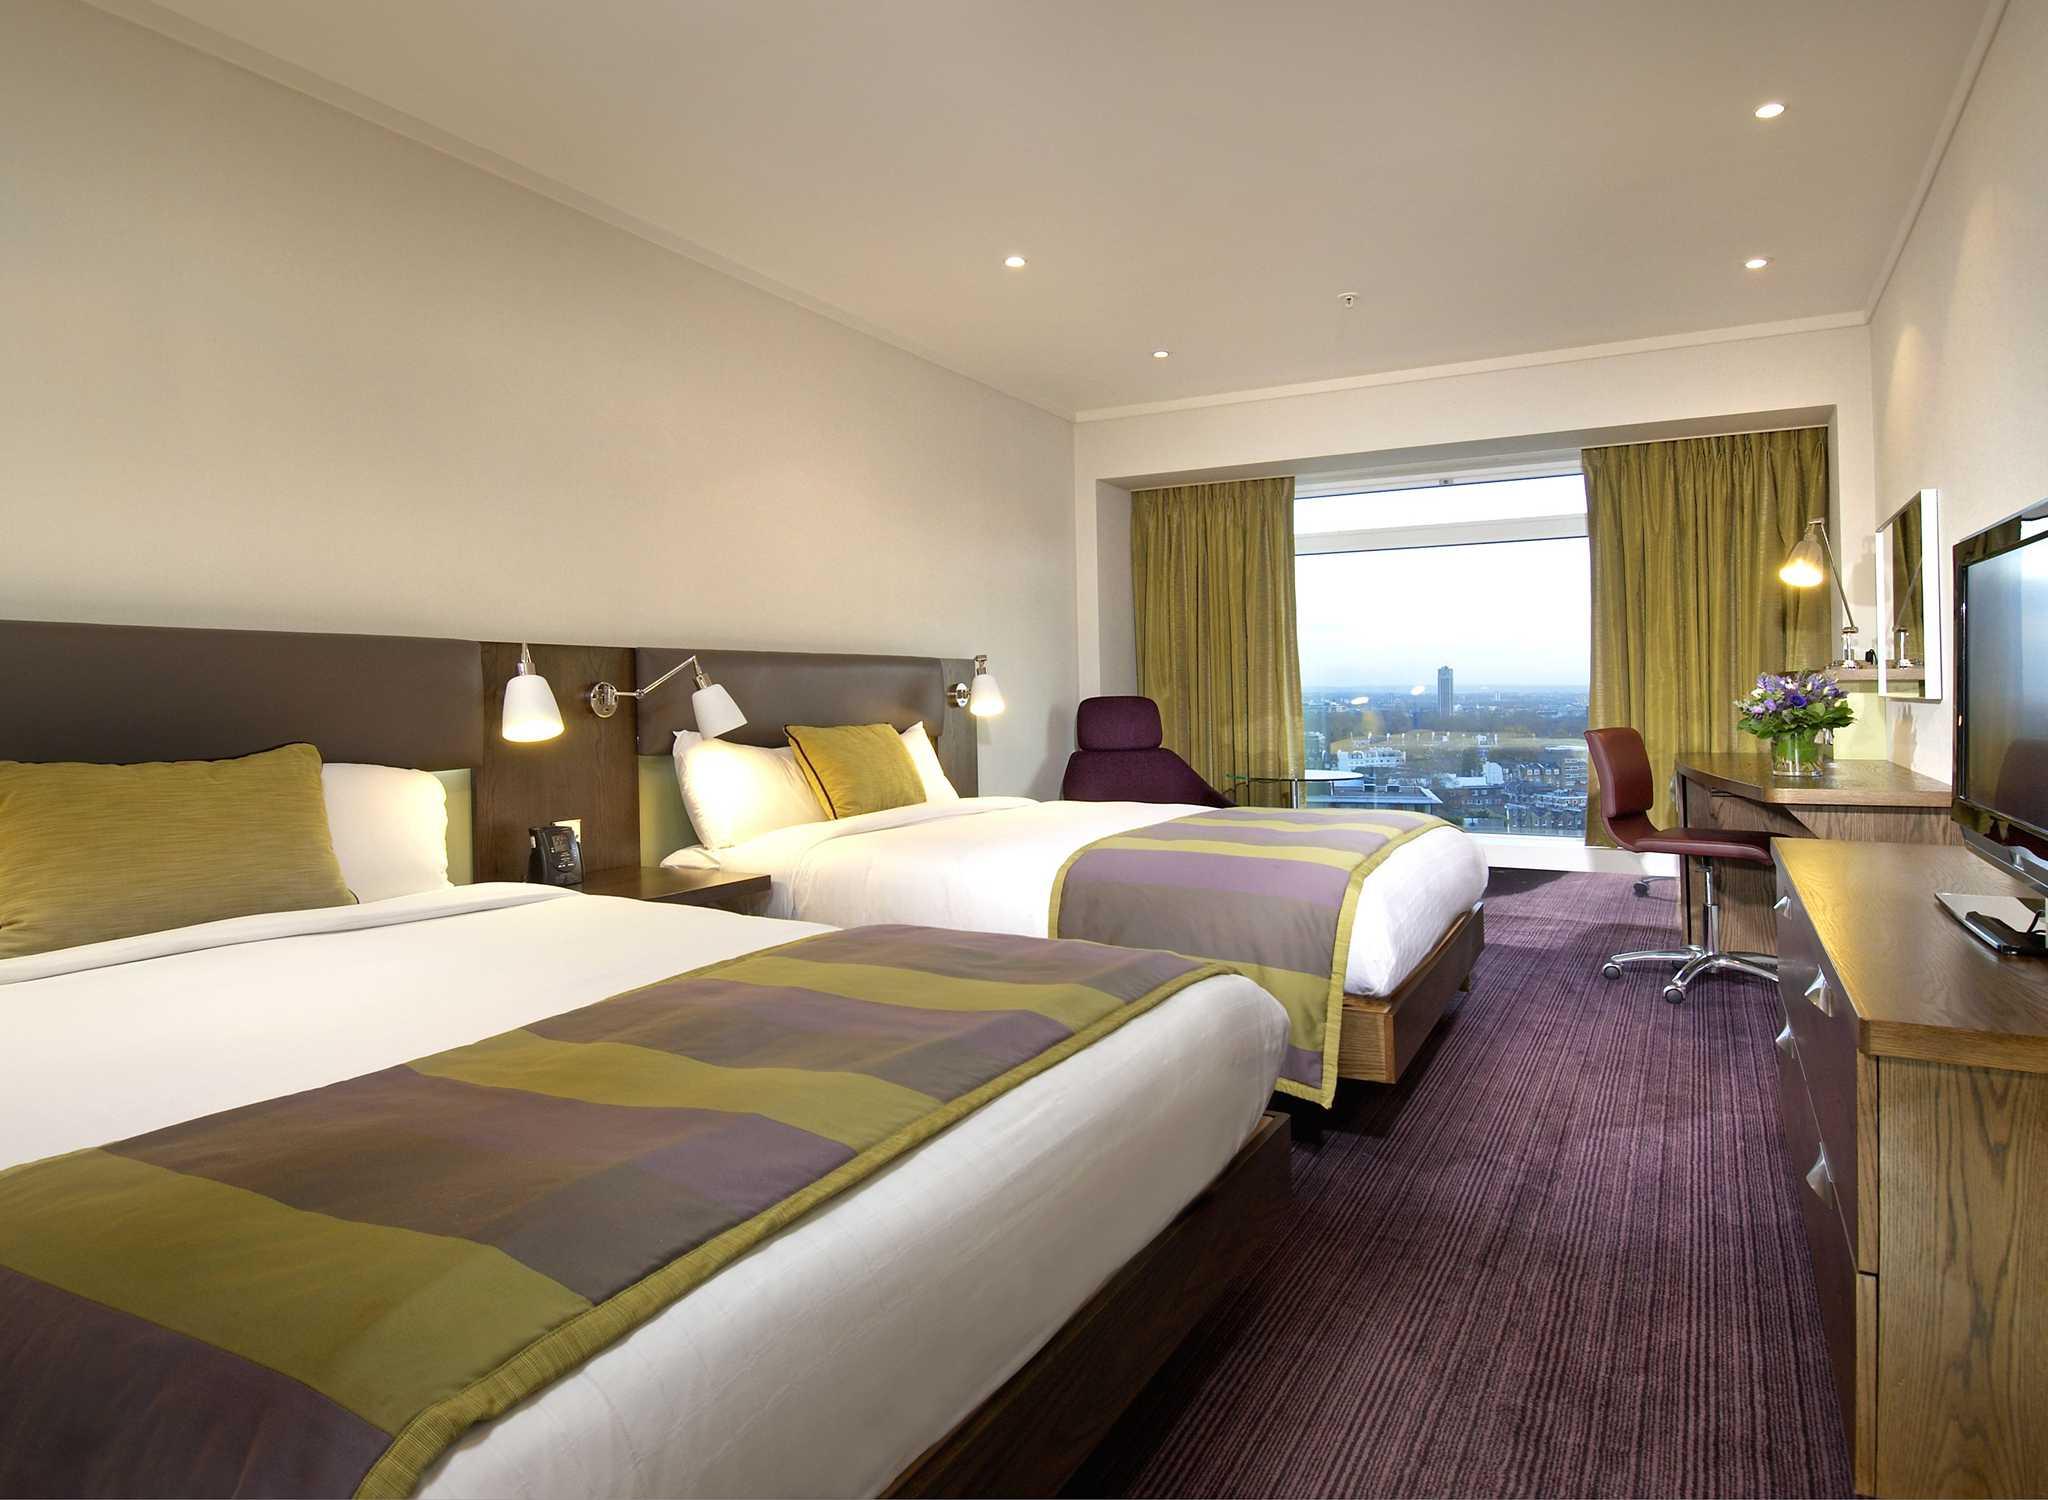 Hilton Hhonors Hotels London